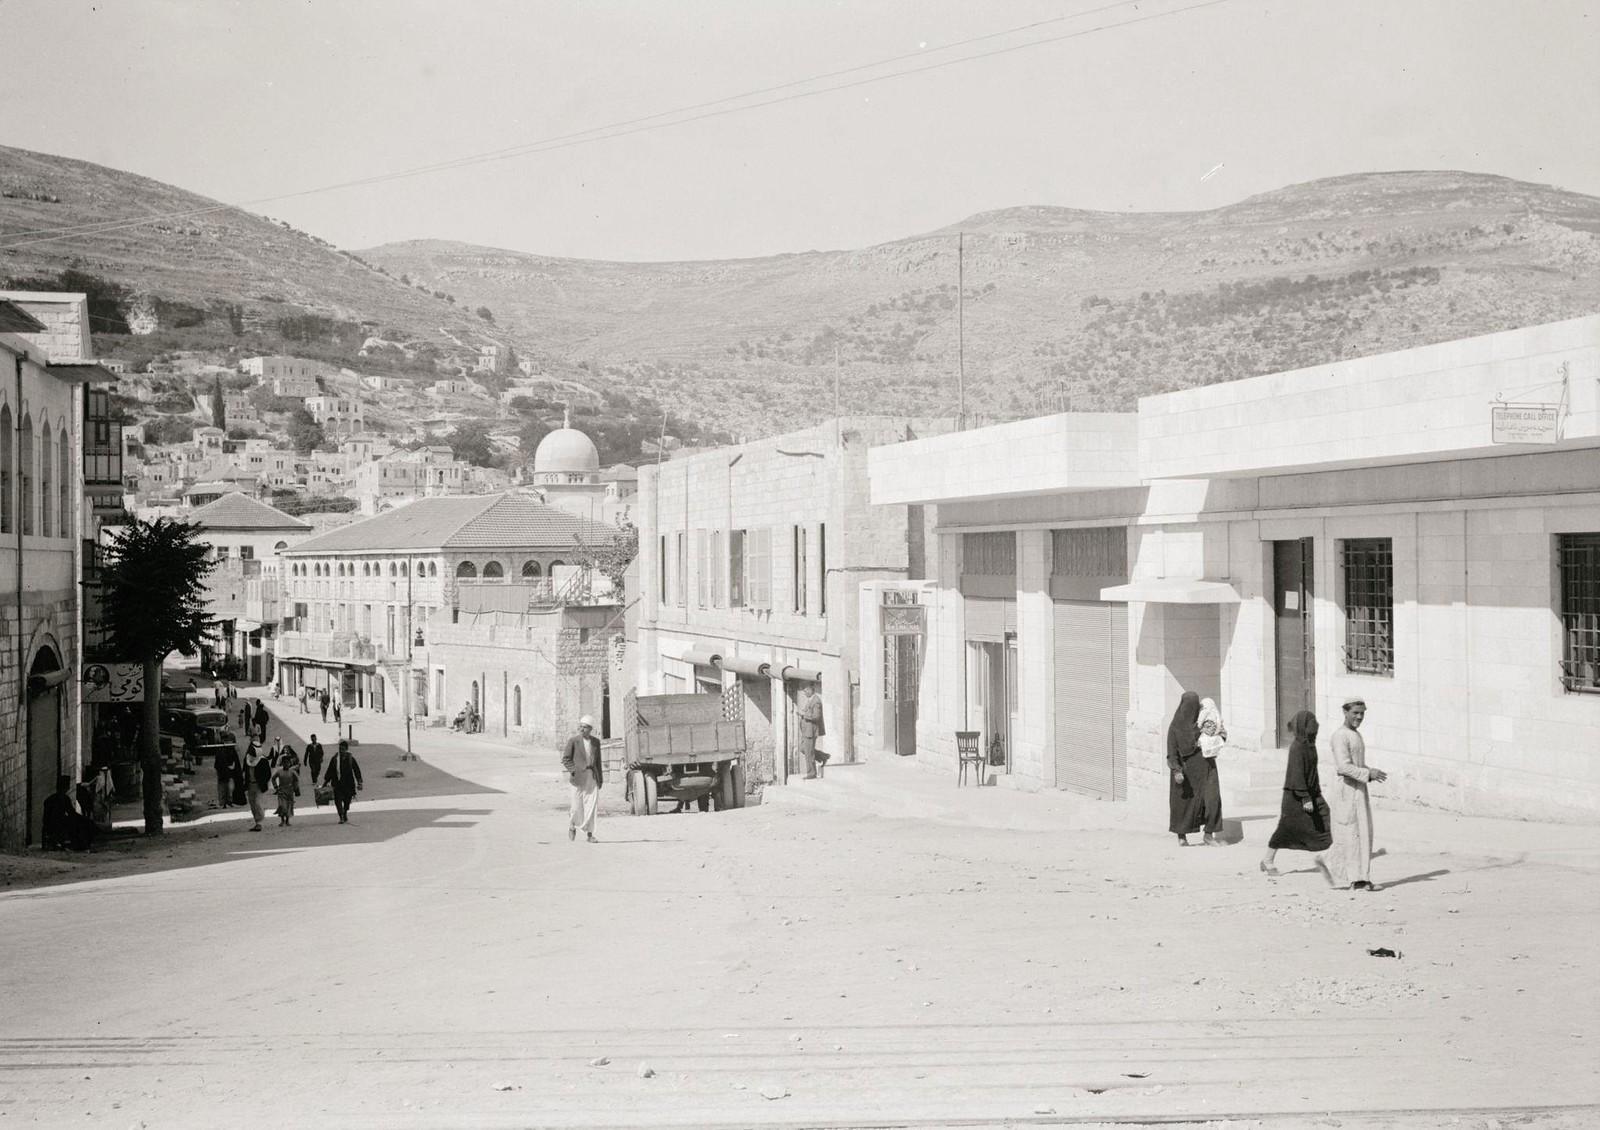 22. 1940. Шхем. Мэйн-стрит, справа - здания почтового отделения